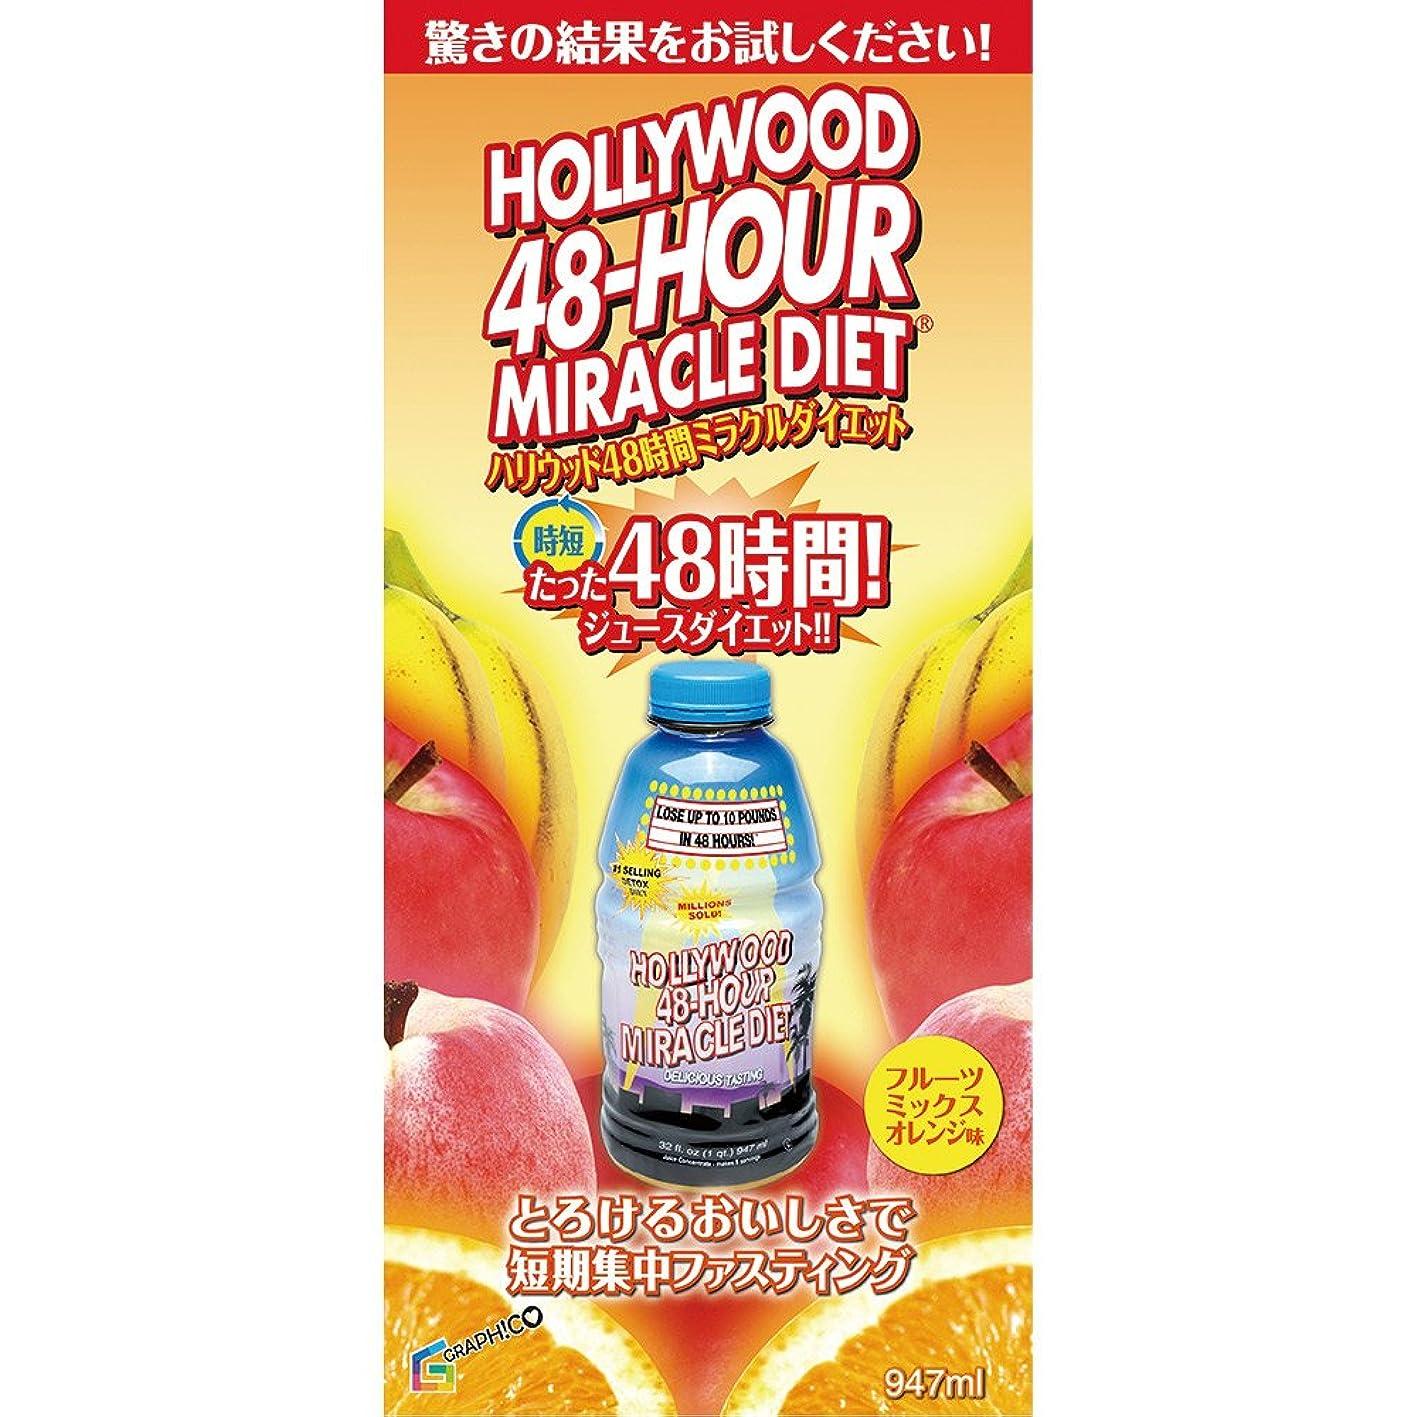 呪われた温帯武器ハリウッド48時間 ミラクルダイエット (フルーツミックスオレンジ味) 947ml